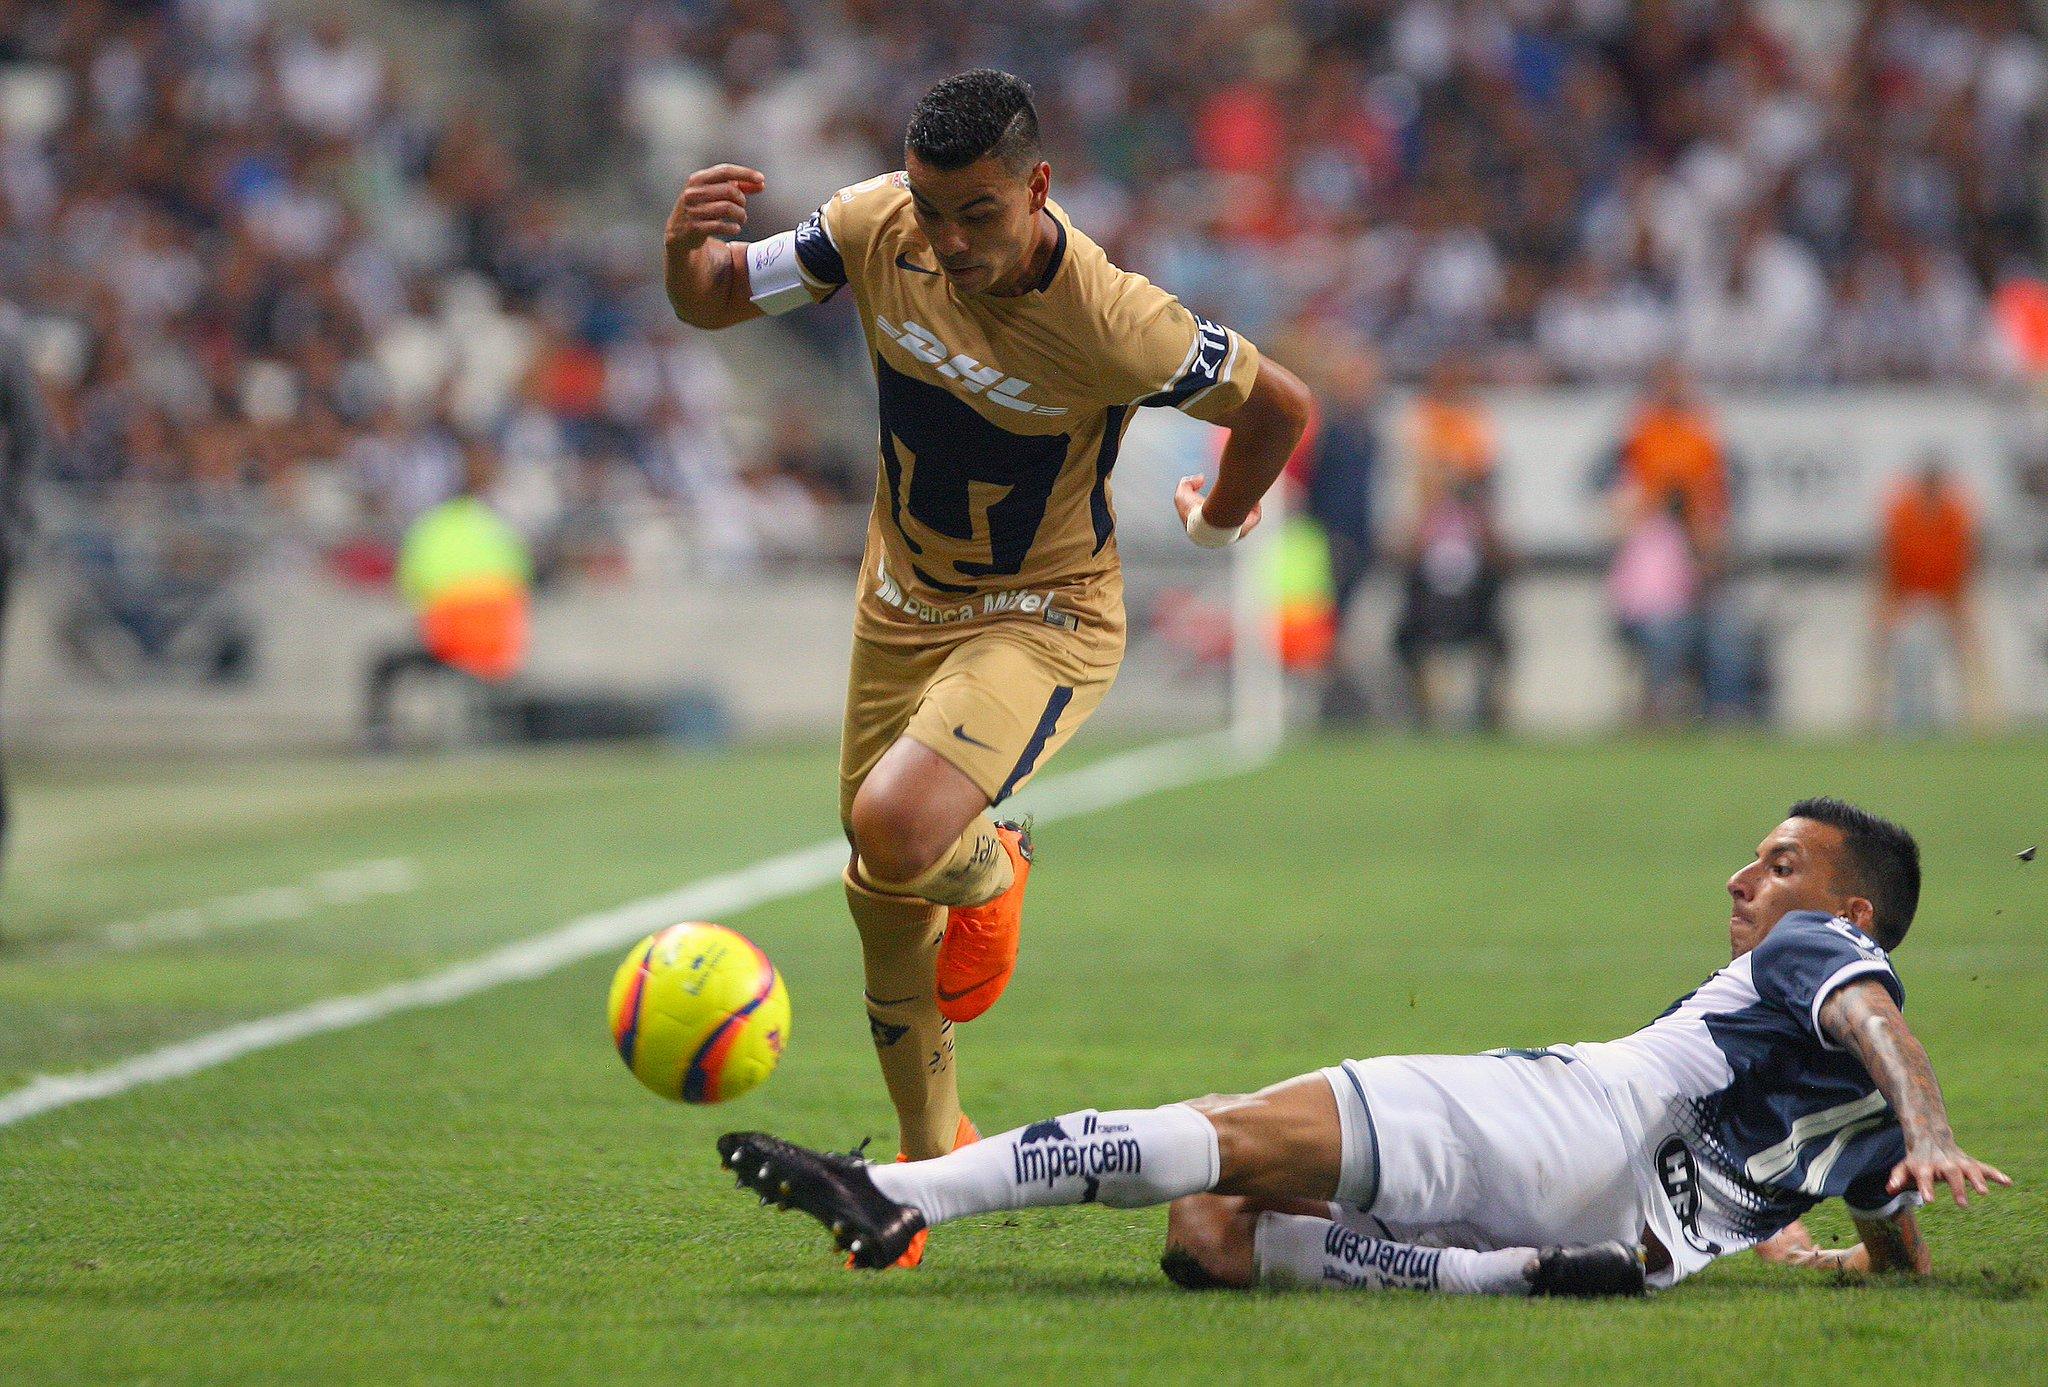 Monterrey derrotó 1-0 a los Pumas